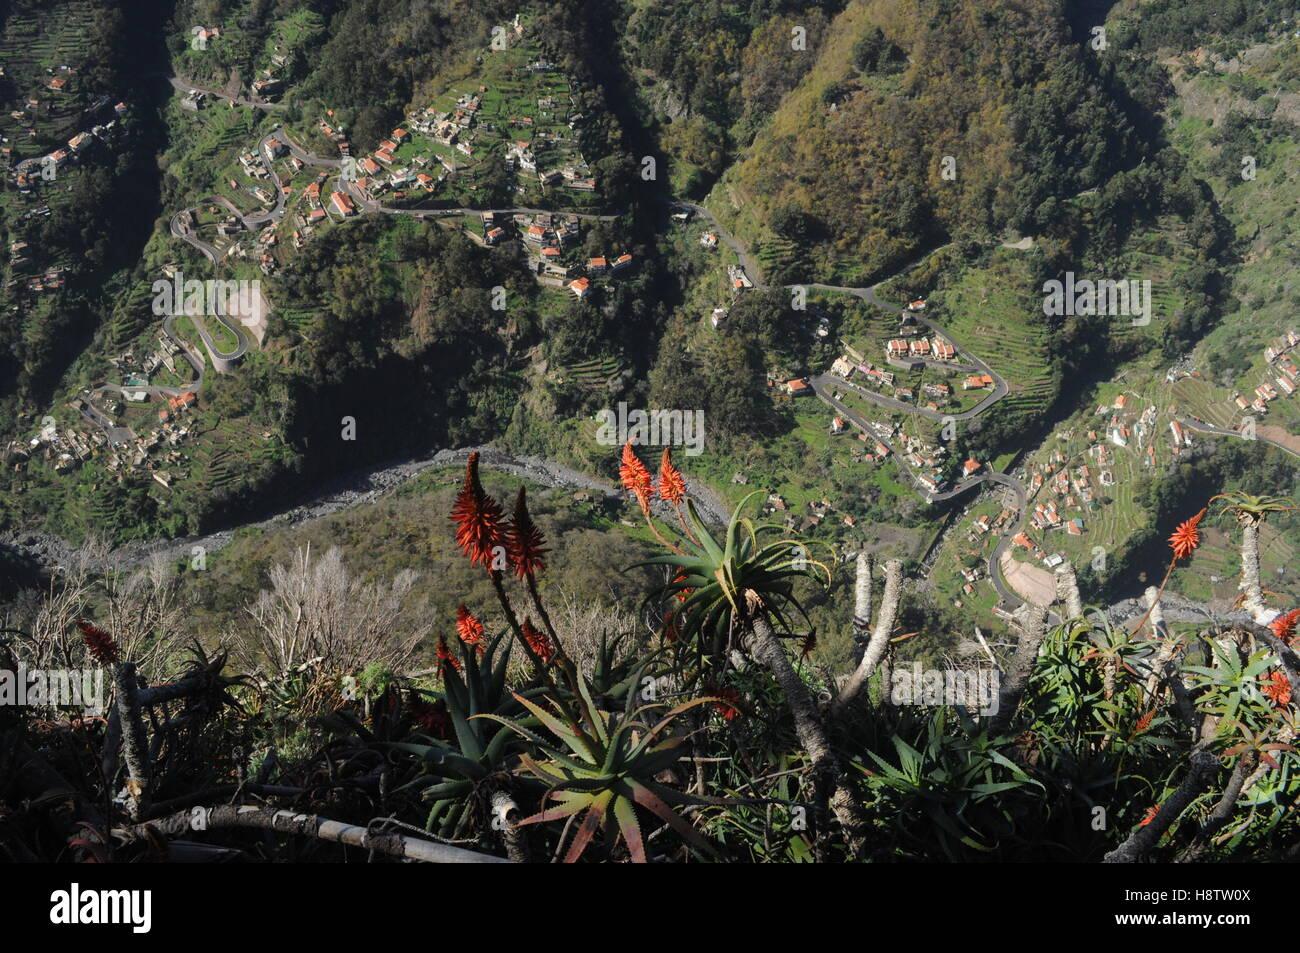 Village near Curral das Freiras, Madeira - Stock Image